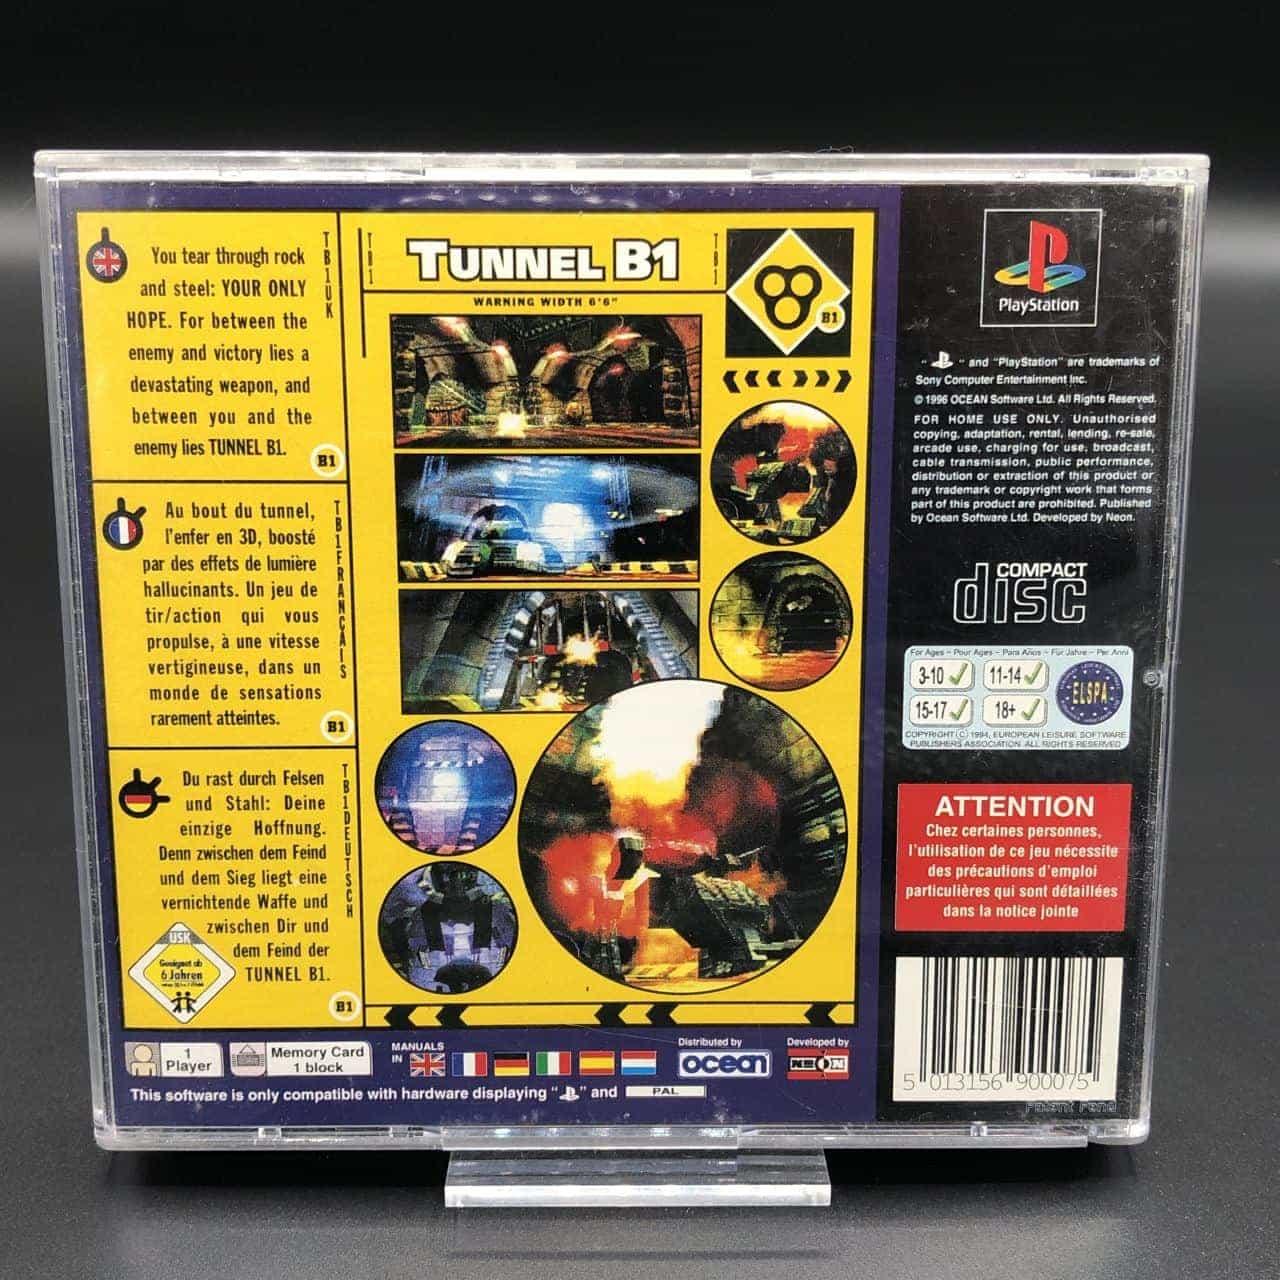 PS1 Tunnel B1 (Komplett) (Sehr gut) Sony PlayStation 1